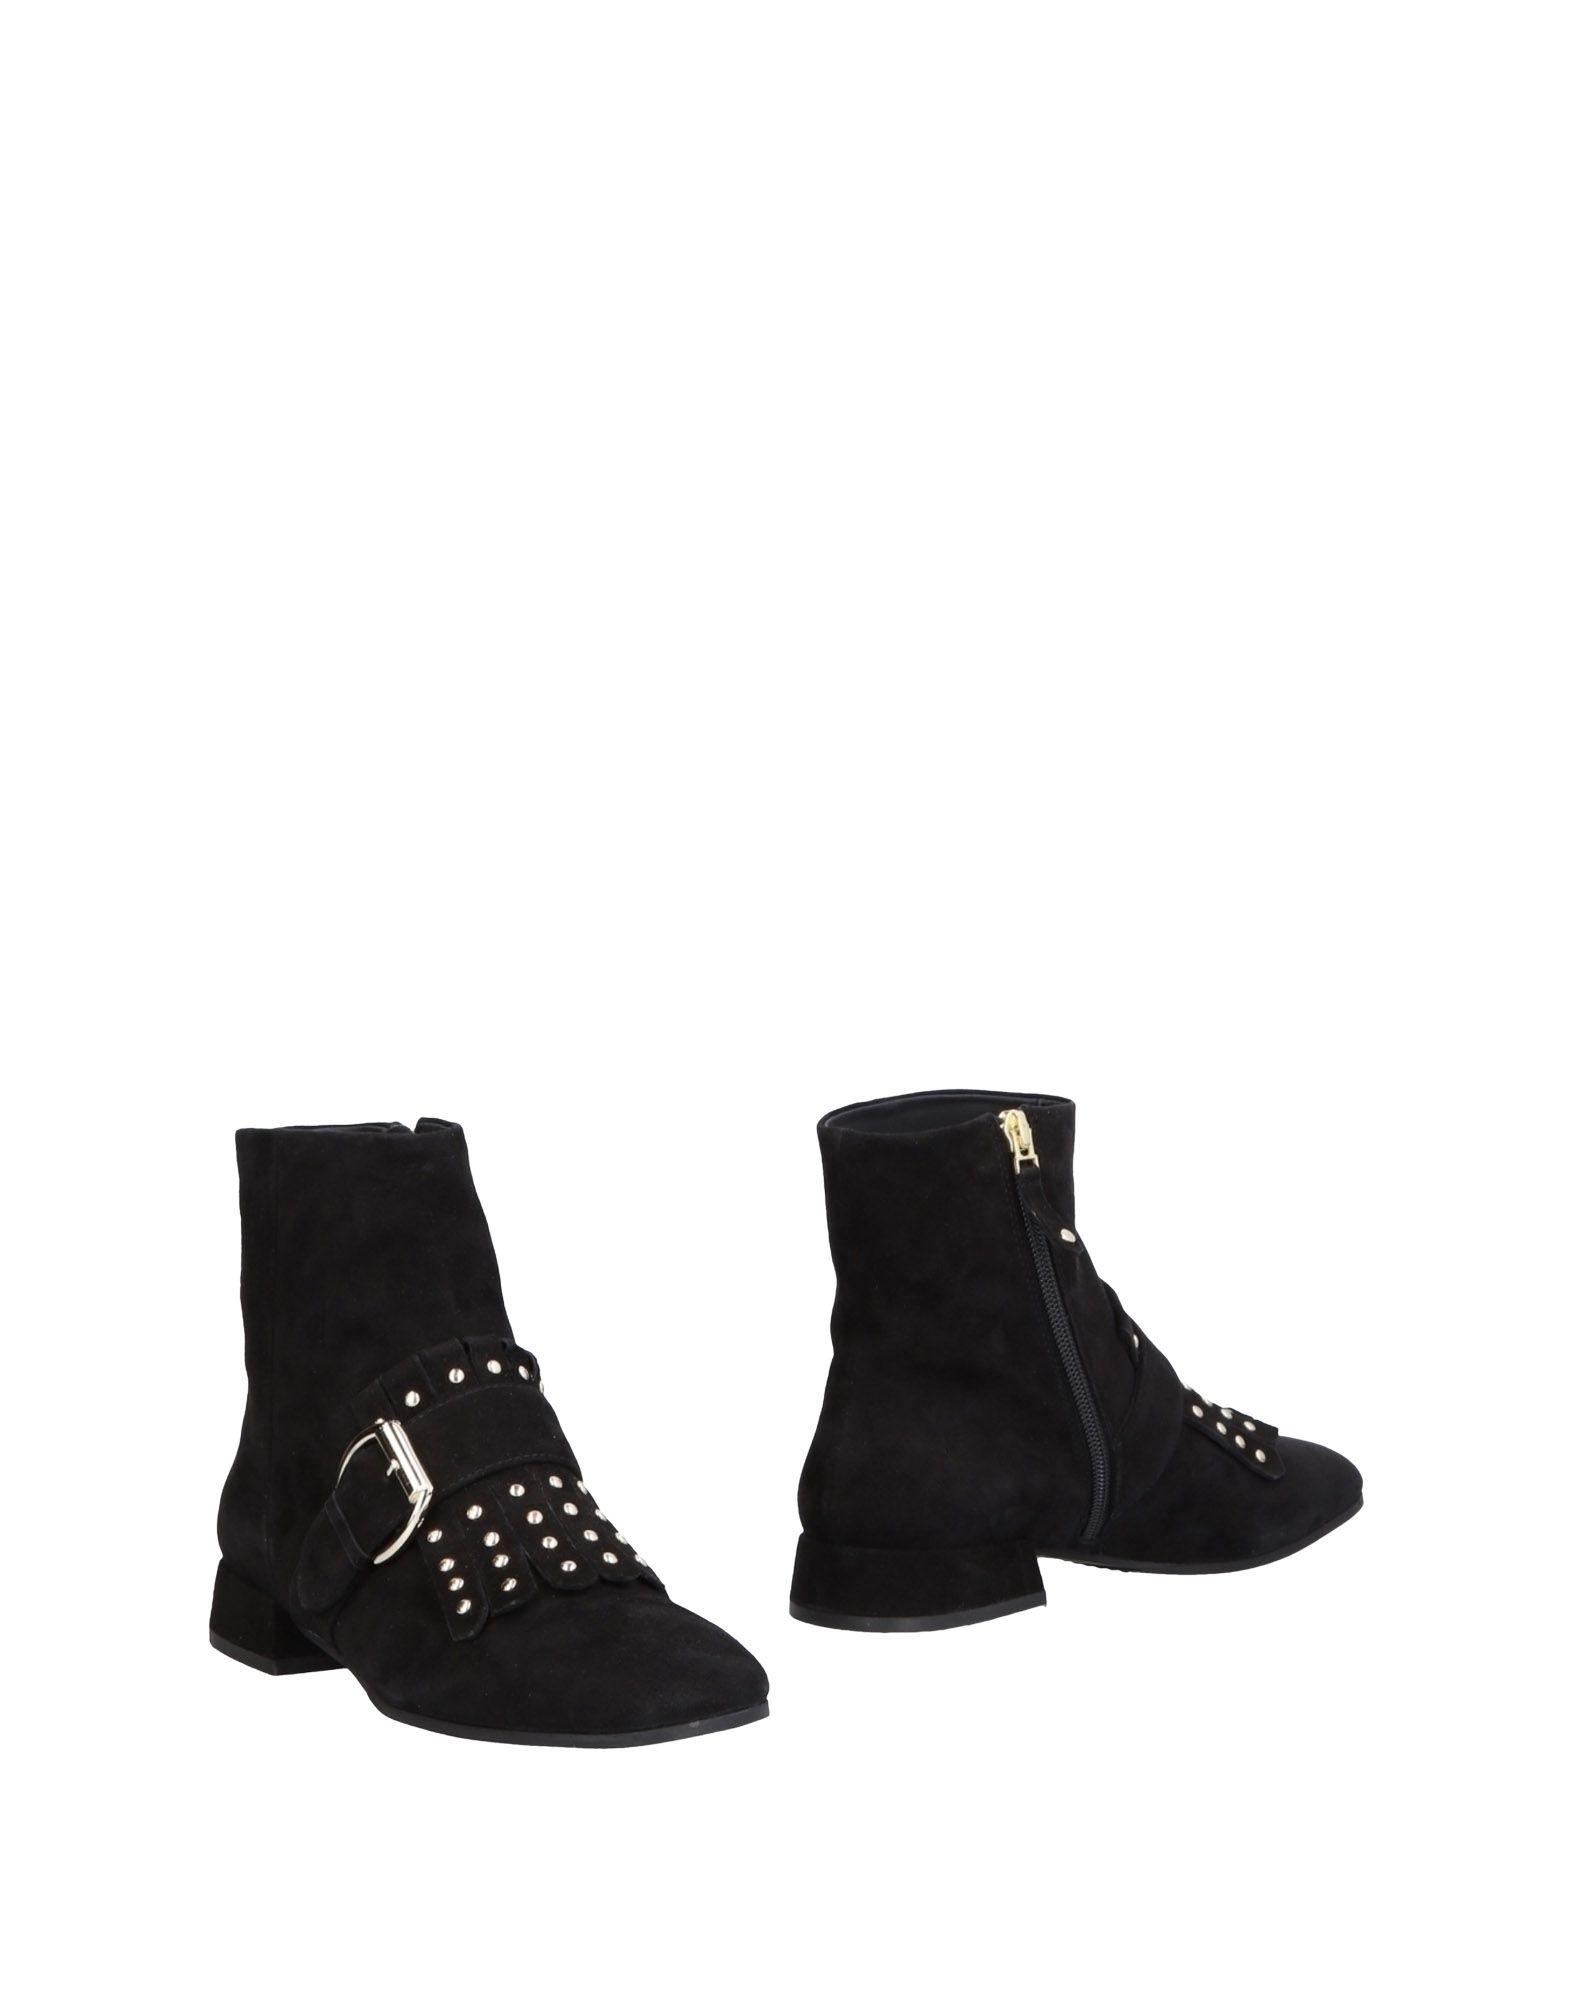 Gut um Zanon billige Schuhe zu tragenElvio Zanon um Stiefelette Damen  11455780PE 5c2bdd